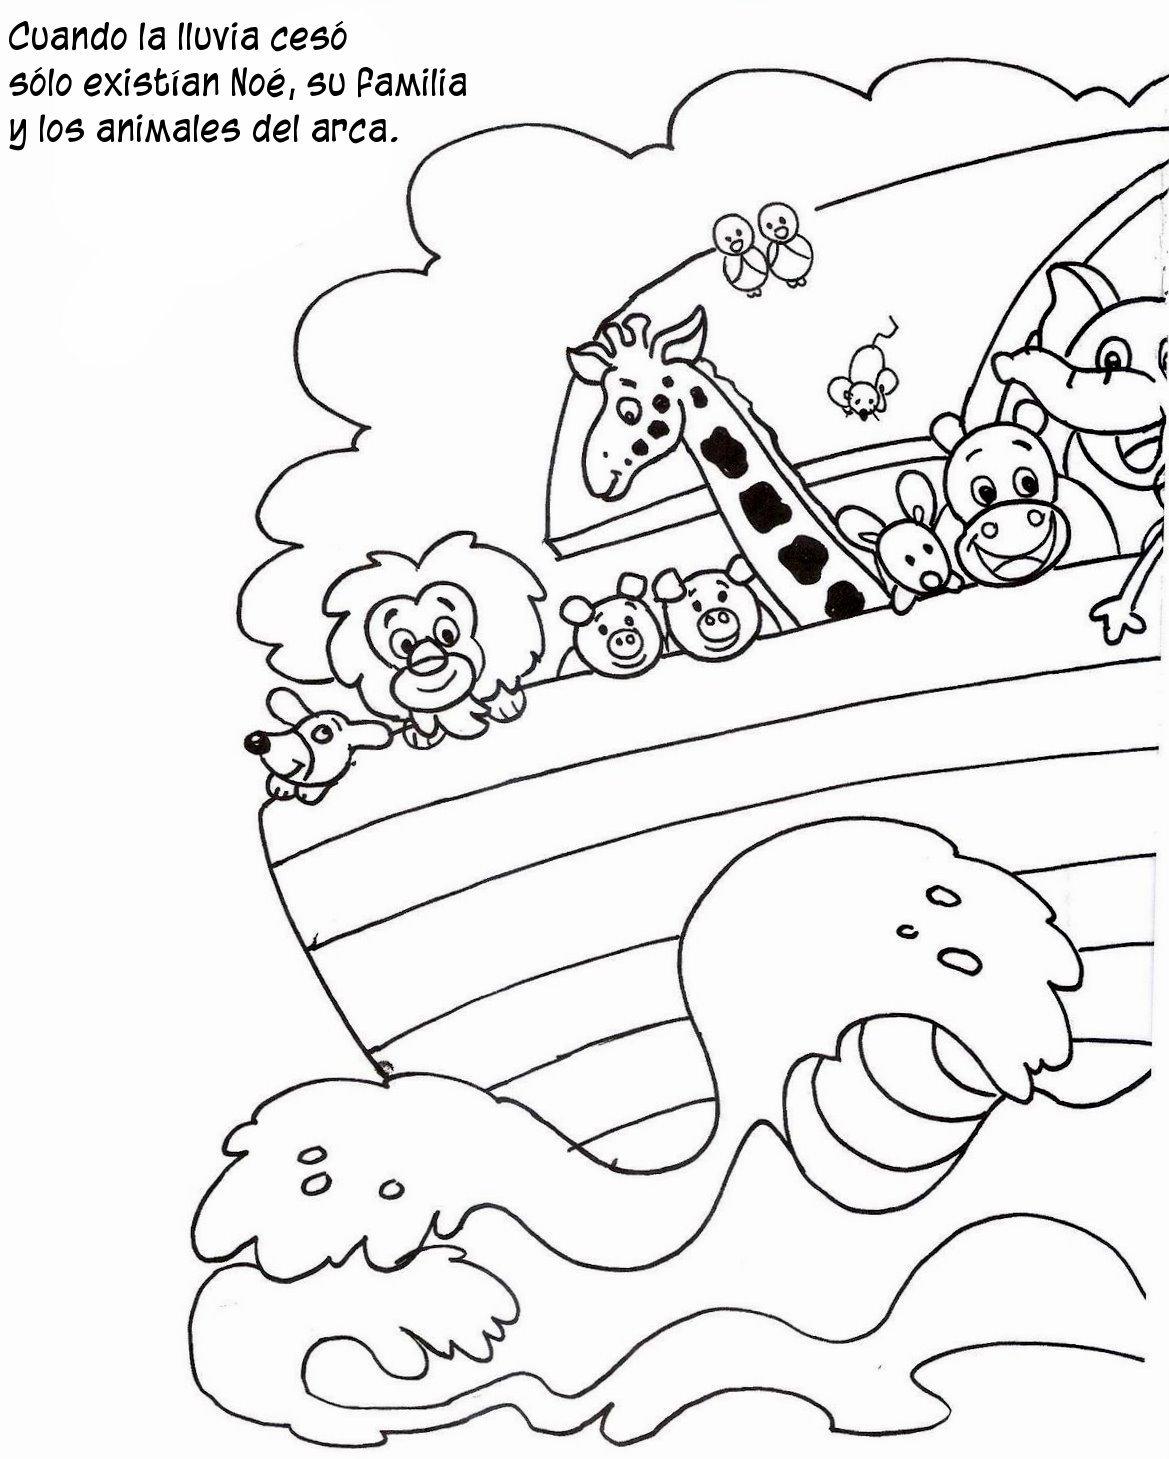 Compartiendo Por Amor Historia Arca Noé En Dibujos